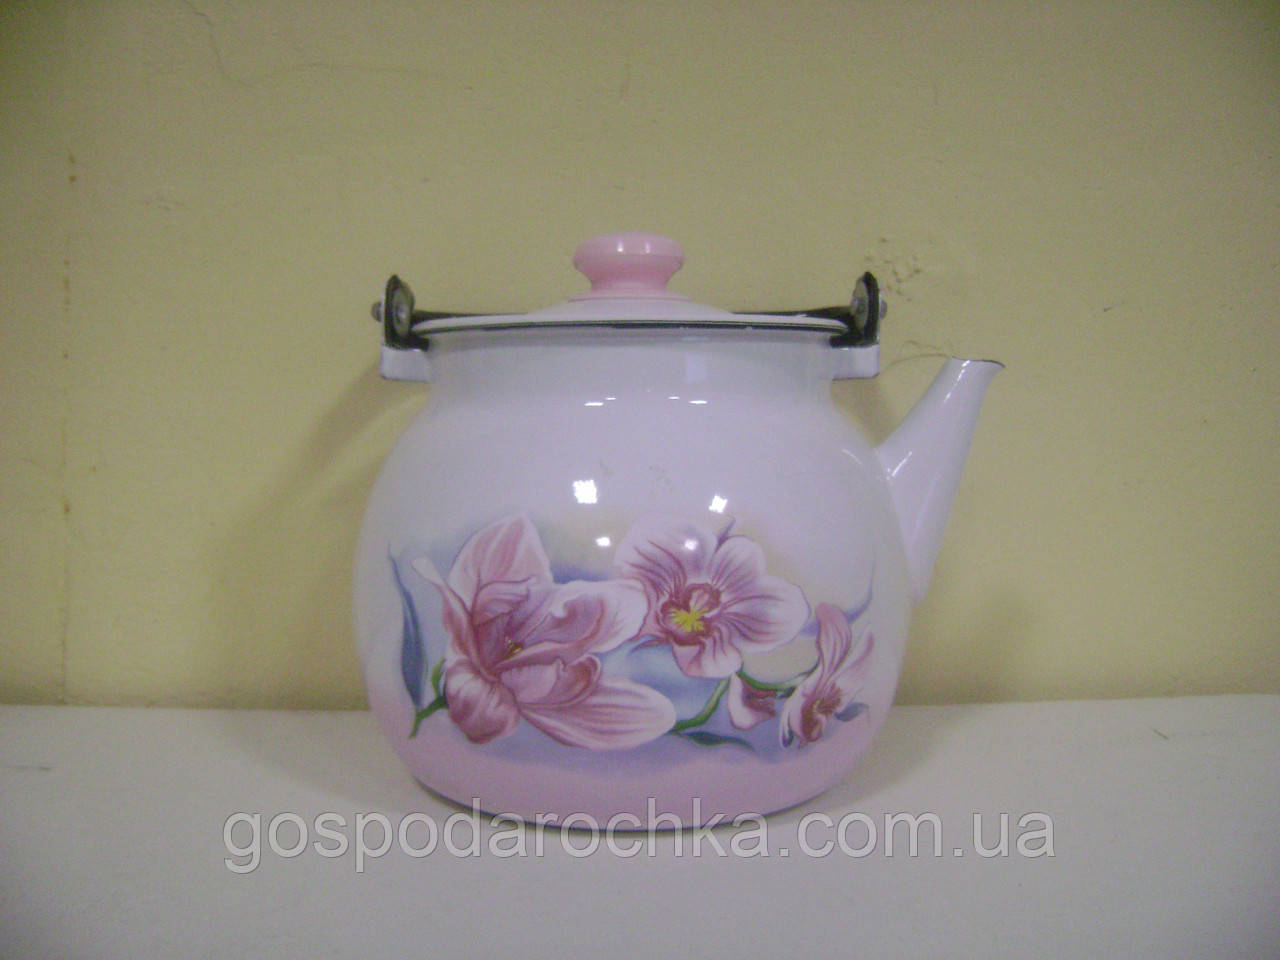 Емальований чайник 3,5 л Орхідея Бузкова Idilia 27130 Epos Новомосковськ